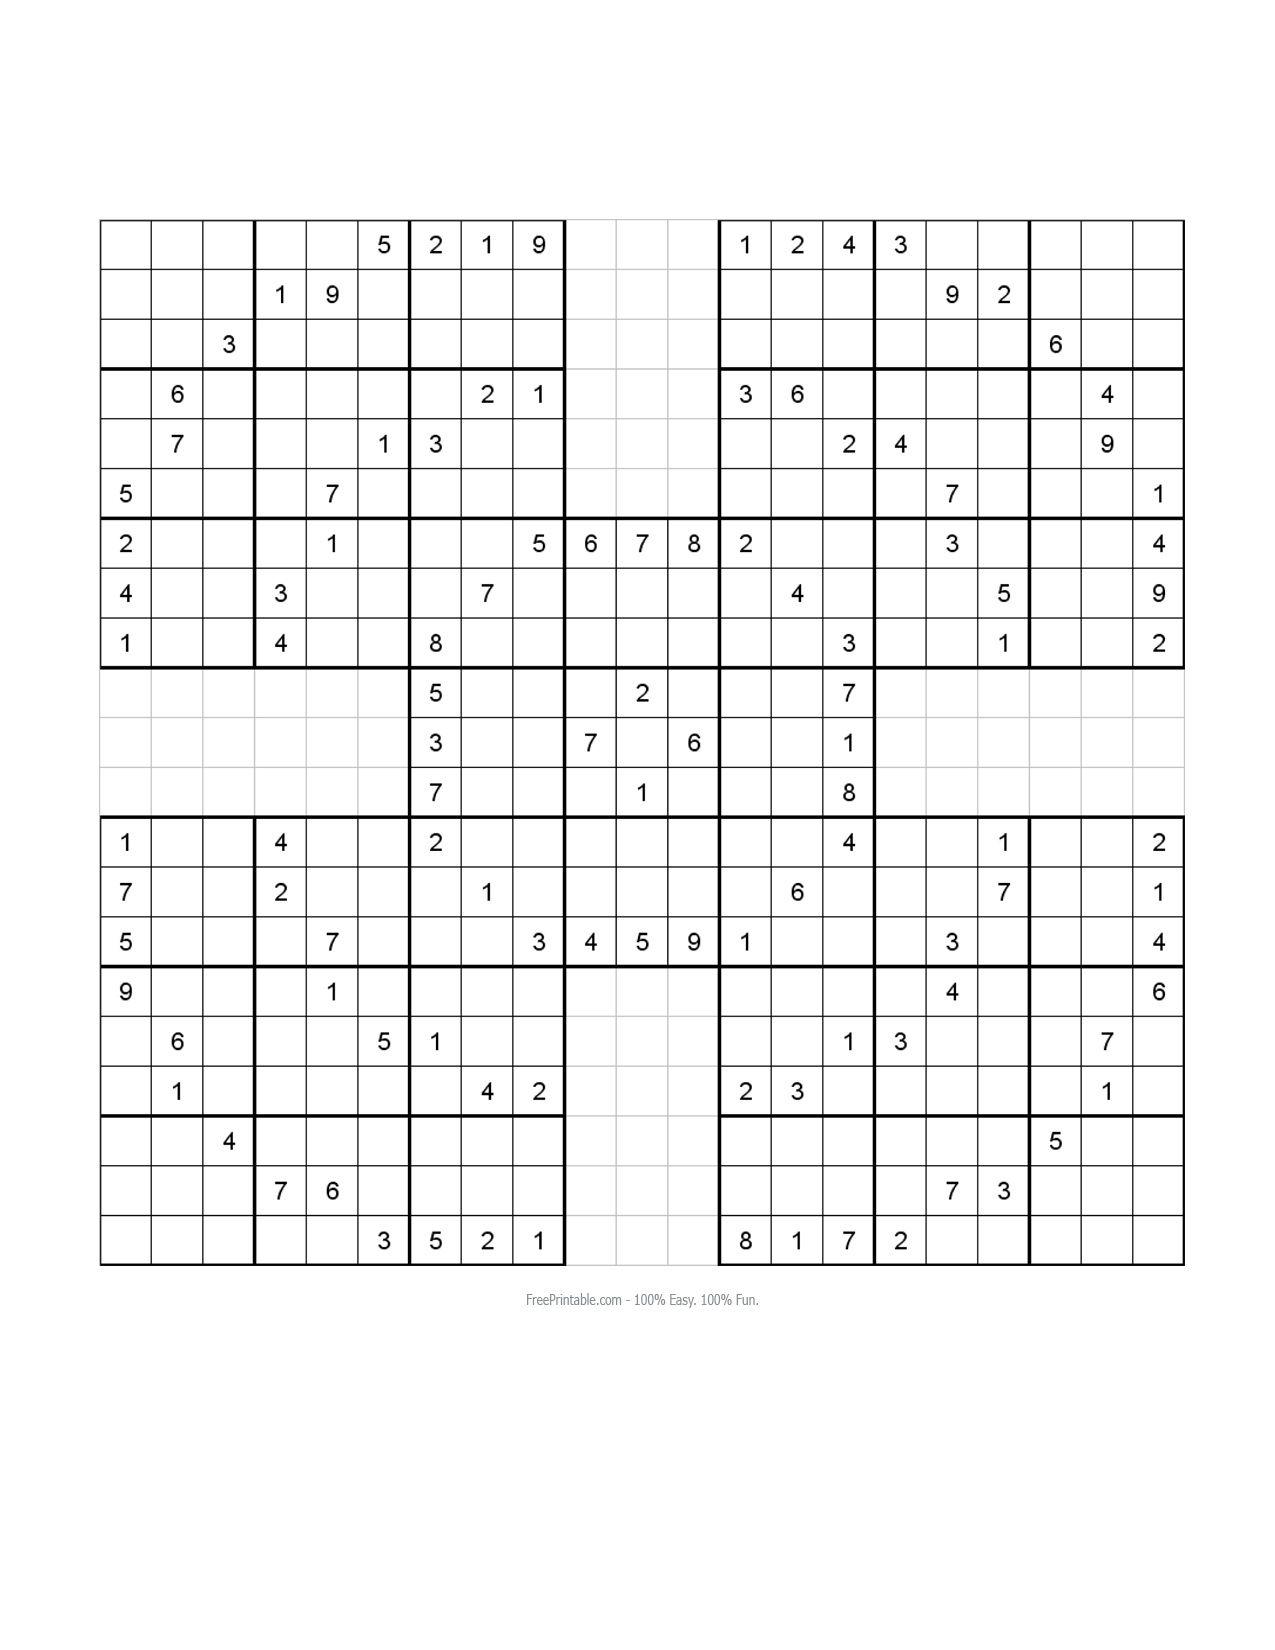 Free Printable Samurai Sudoku Puzzles | Sudoku Puzzles